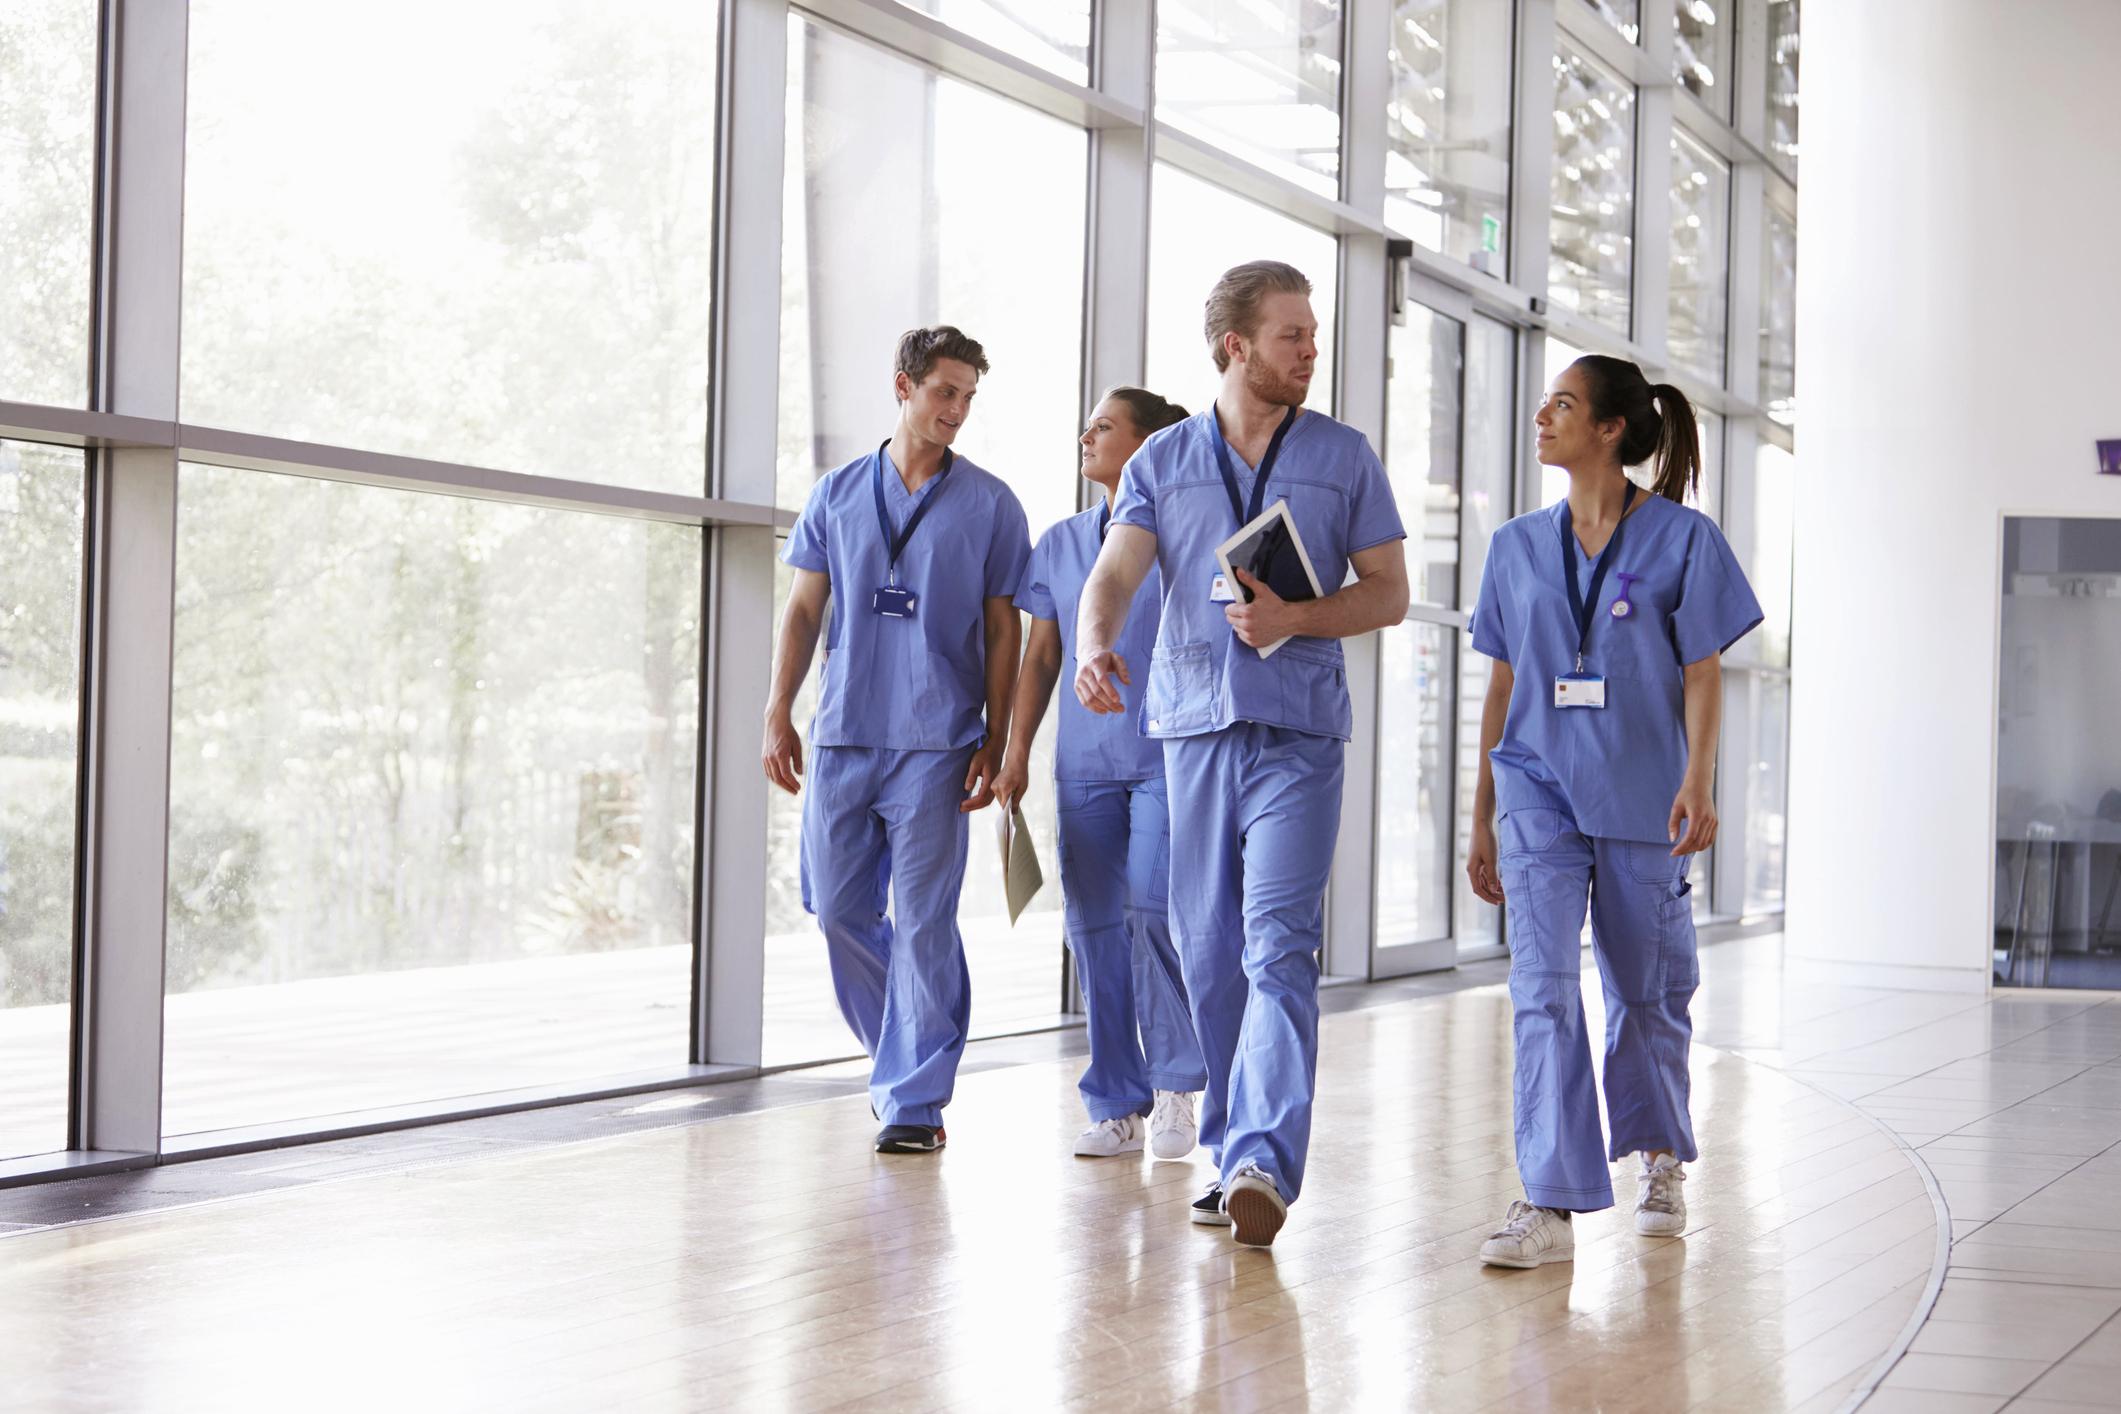 Medical professionals walking together